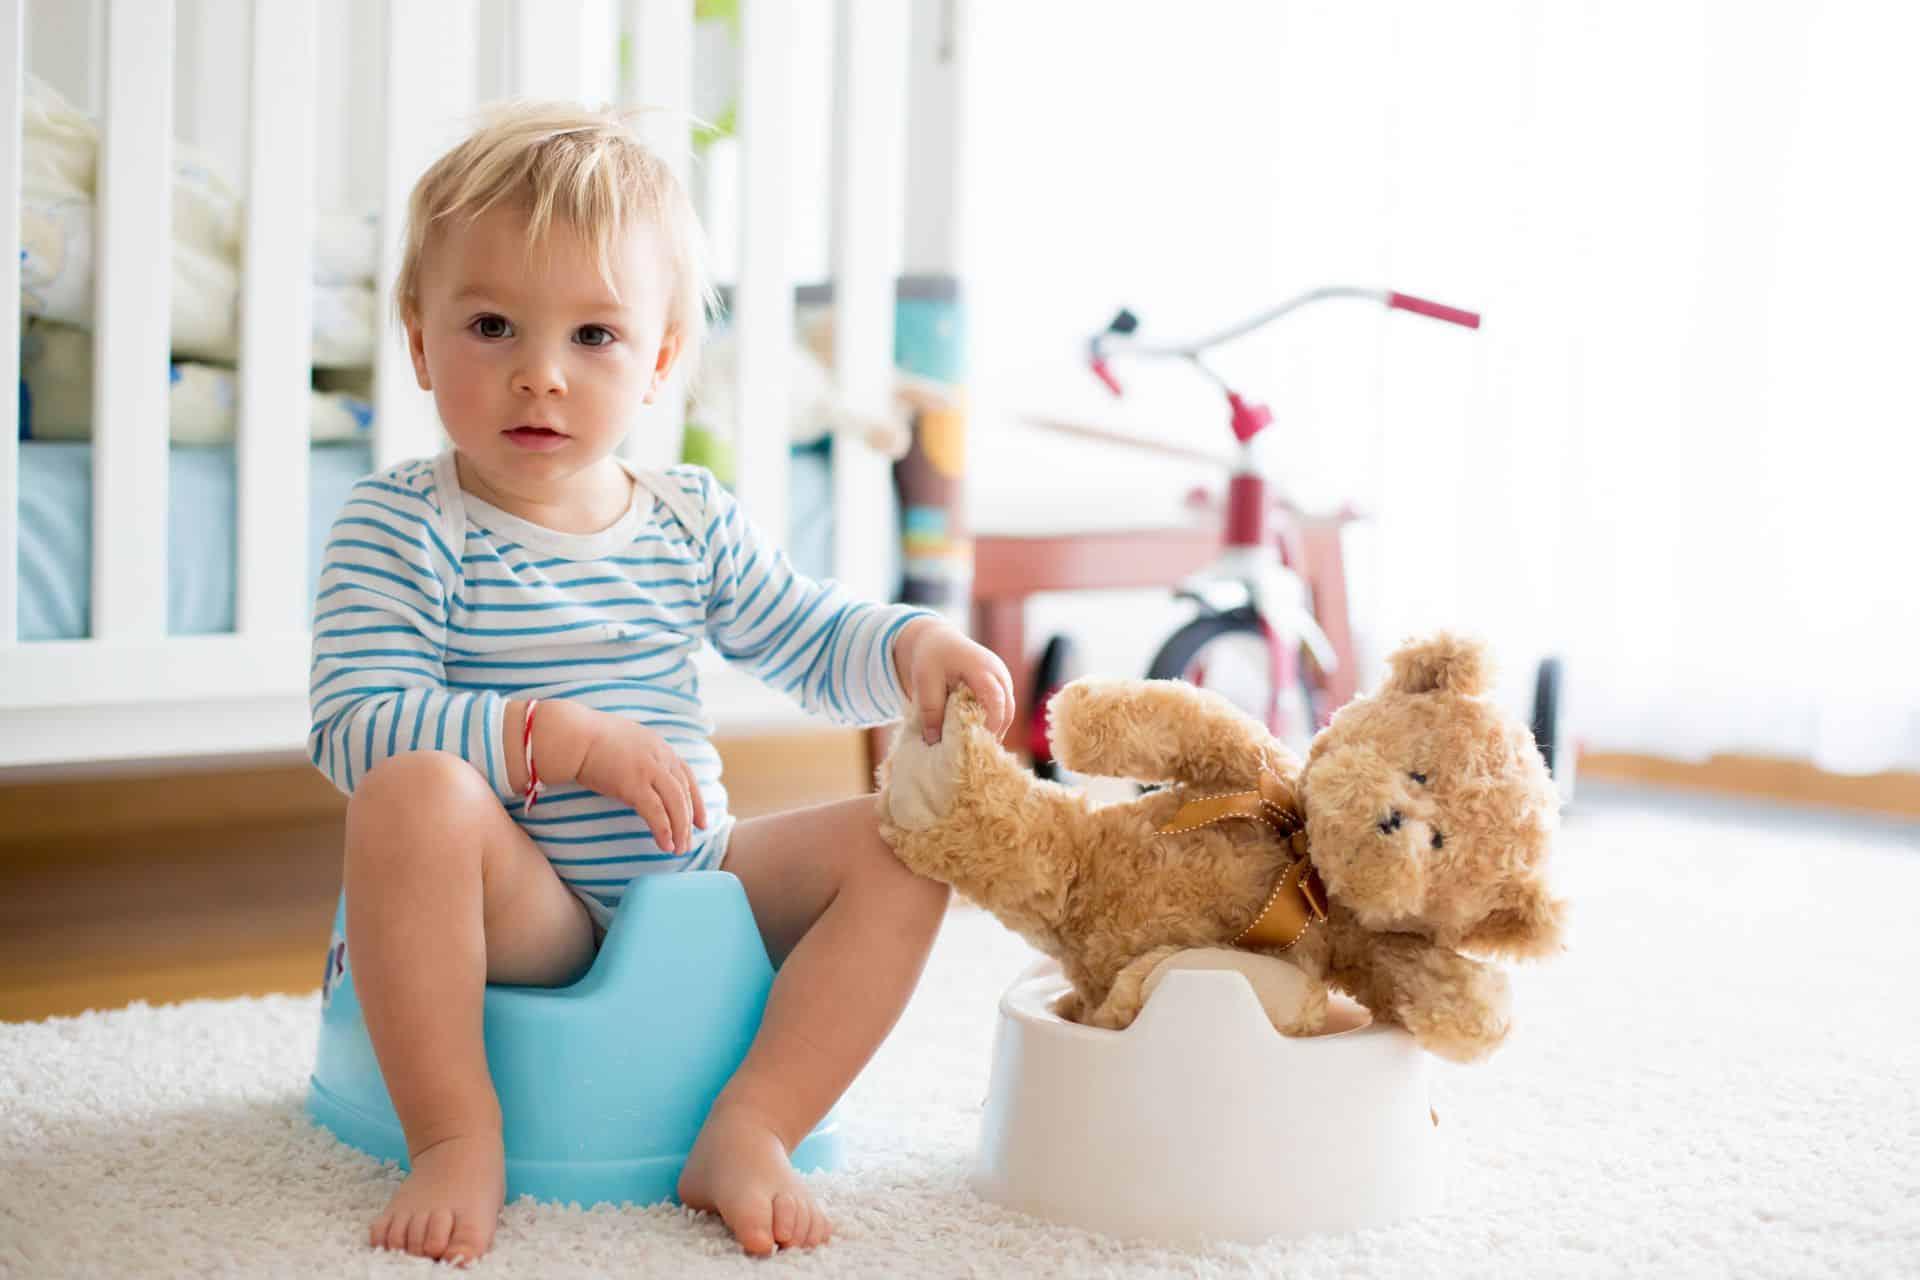 Mag ik met beloningen de zindelijkheidstraining van mijn kind aanmoedigen?